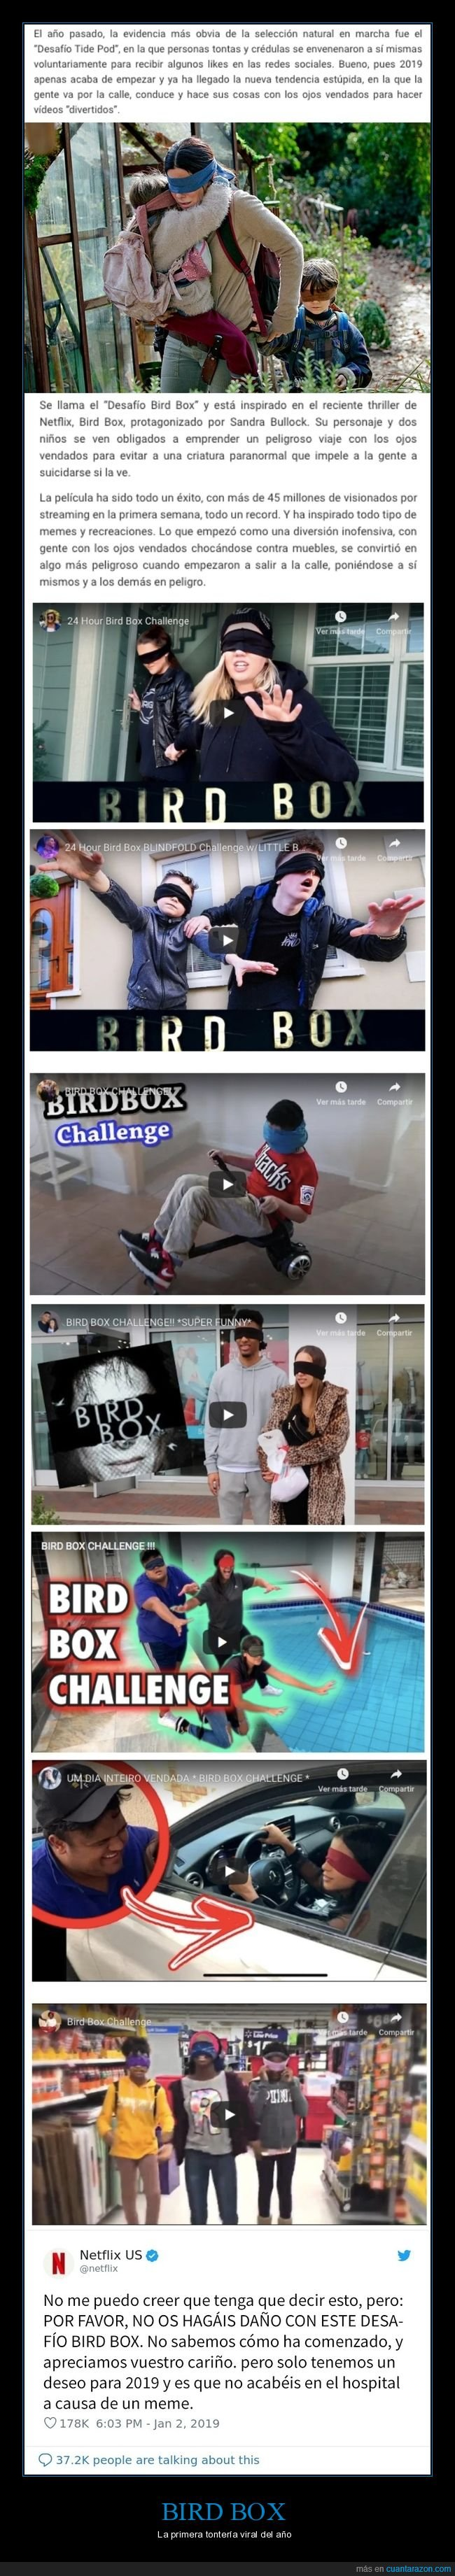 bird box,netflix,película,viral